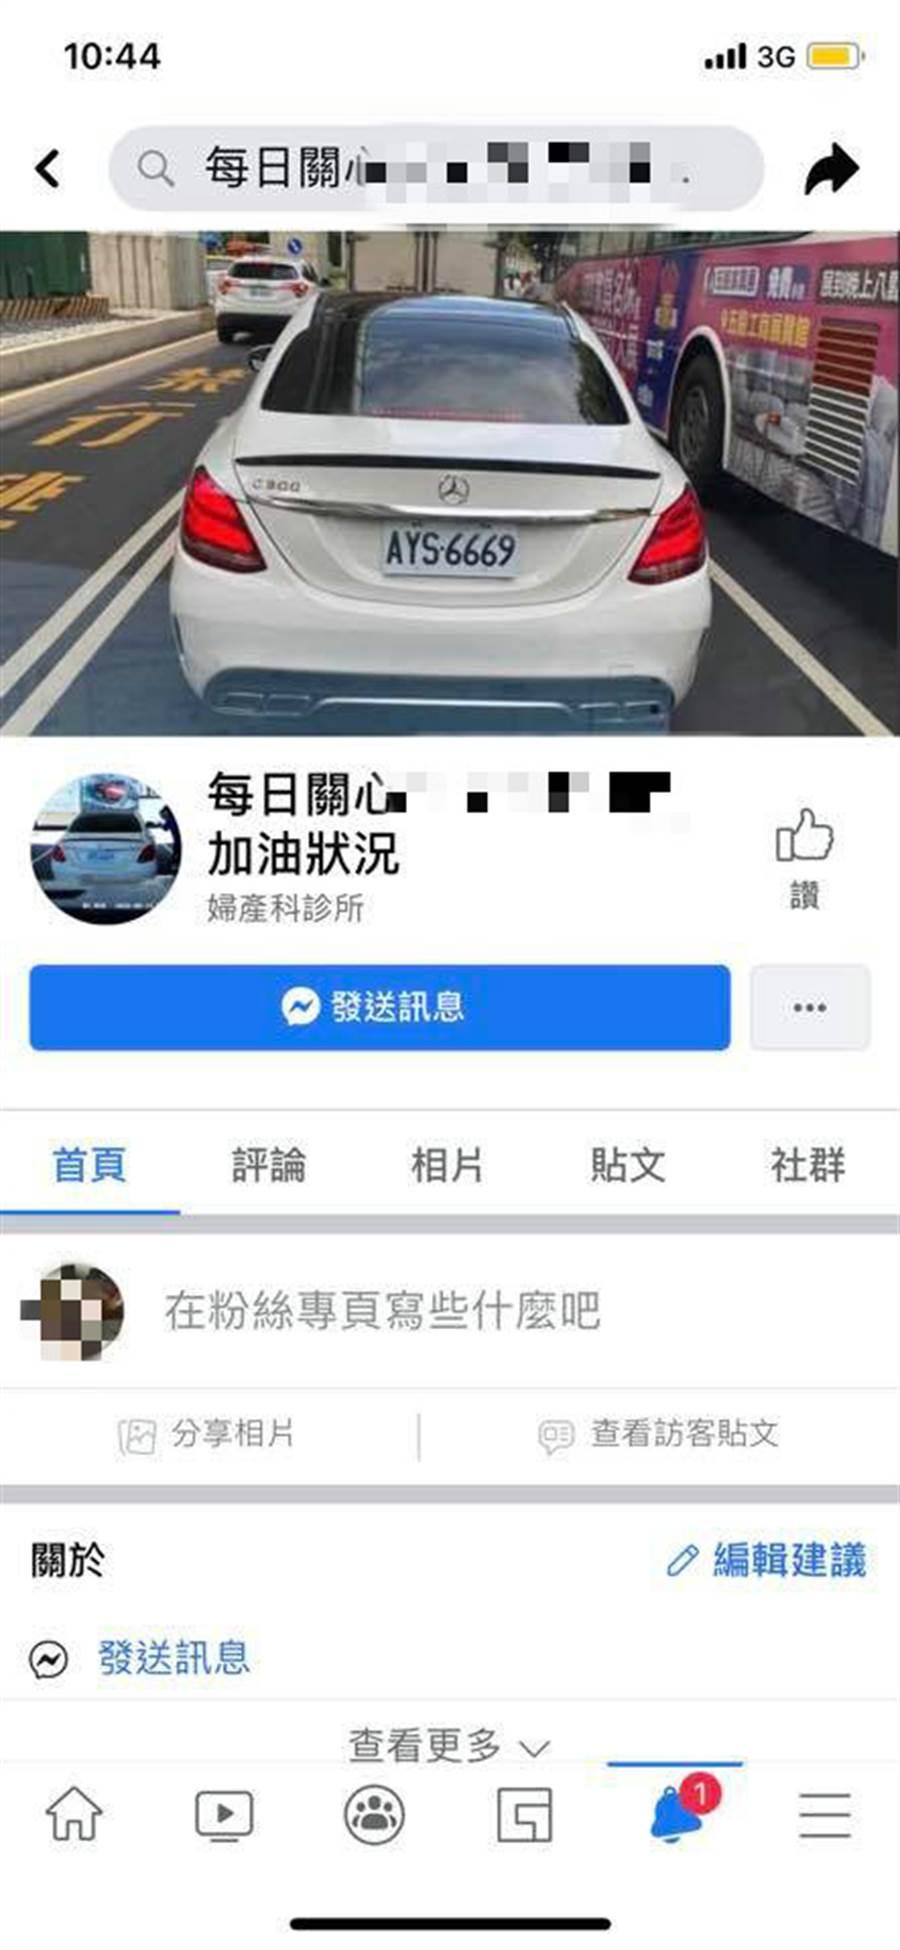 有網友搞笑地為賓士C300創立臉書粉專。(圖/翻攝自爆廢公社)